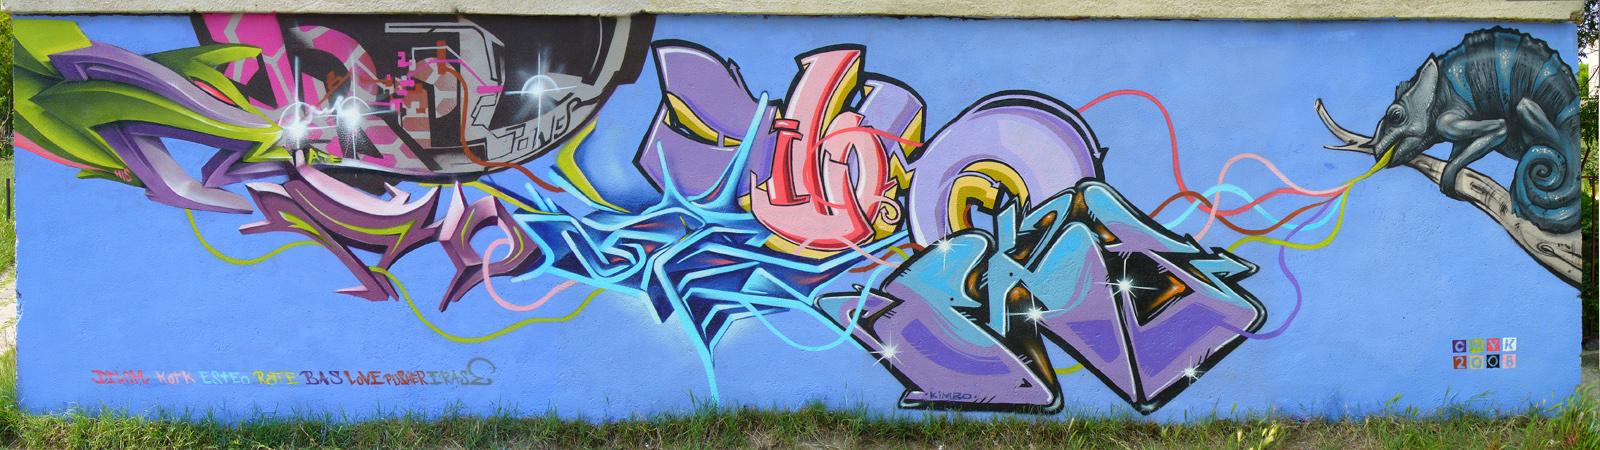 cmyk 2008 by Dilom